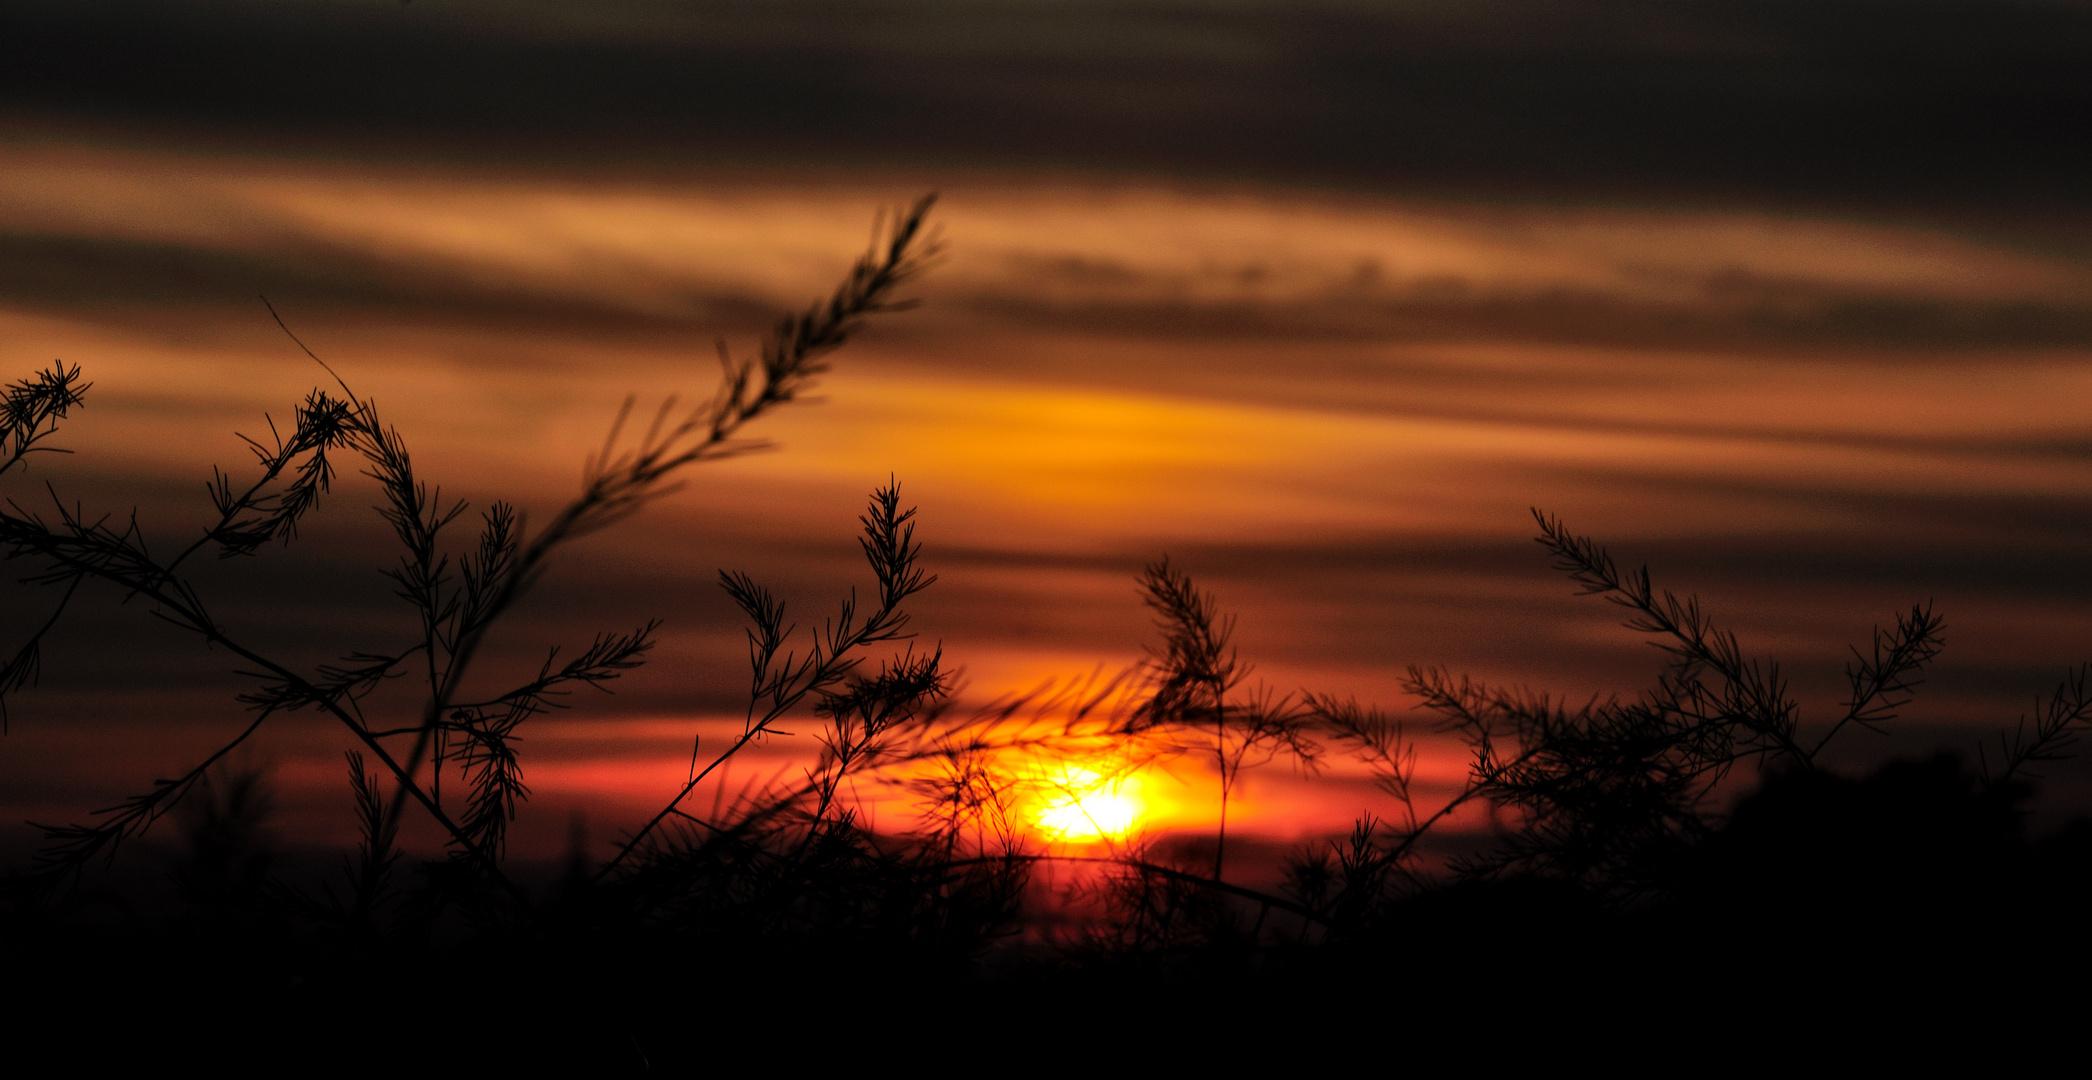 late summer sundown